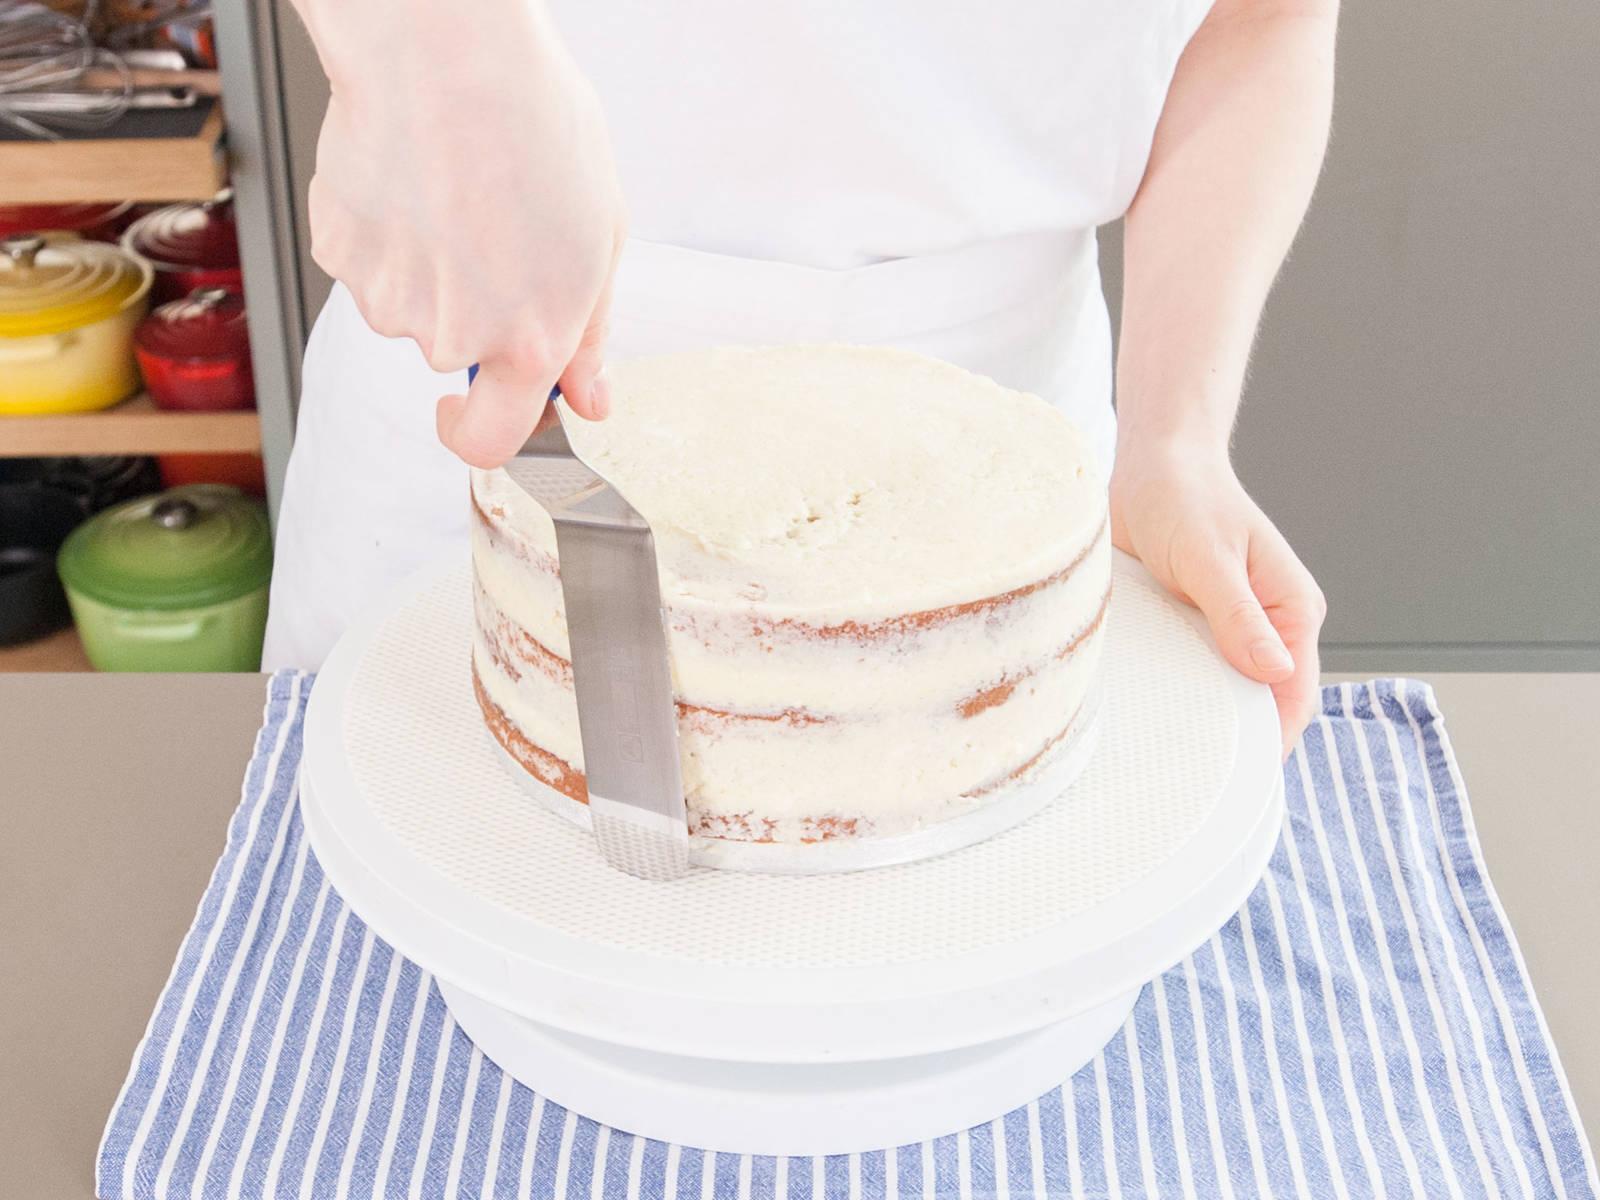 在每层蛋糕的顶部和周边都涂上薄薄一层霜饰。清洁橡胶刮刀,避免给奶油糖霜弄上更多碎屑。将每层蛋糕放到冰箱中,至少冷藏30分钟,好让霜饰凝固。